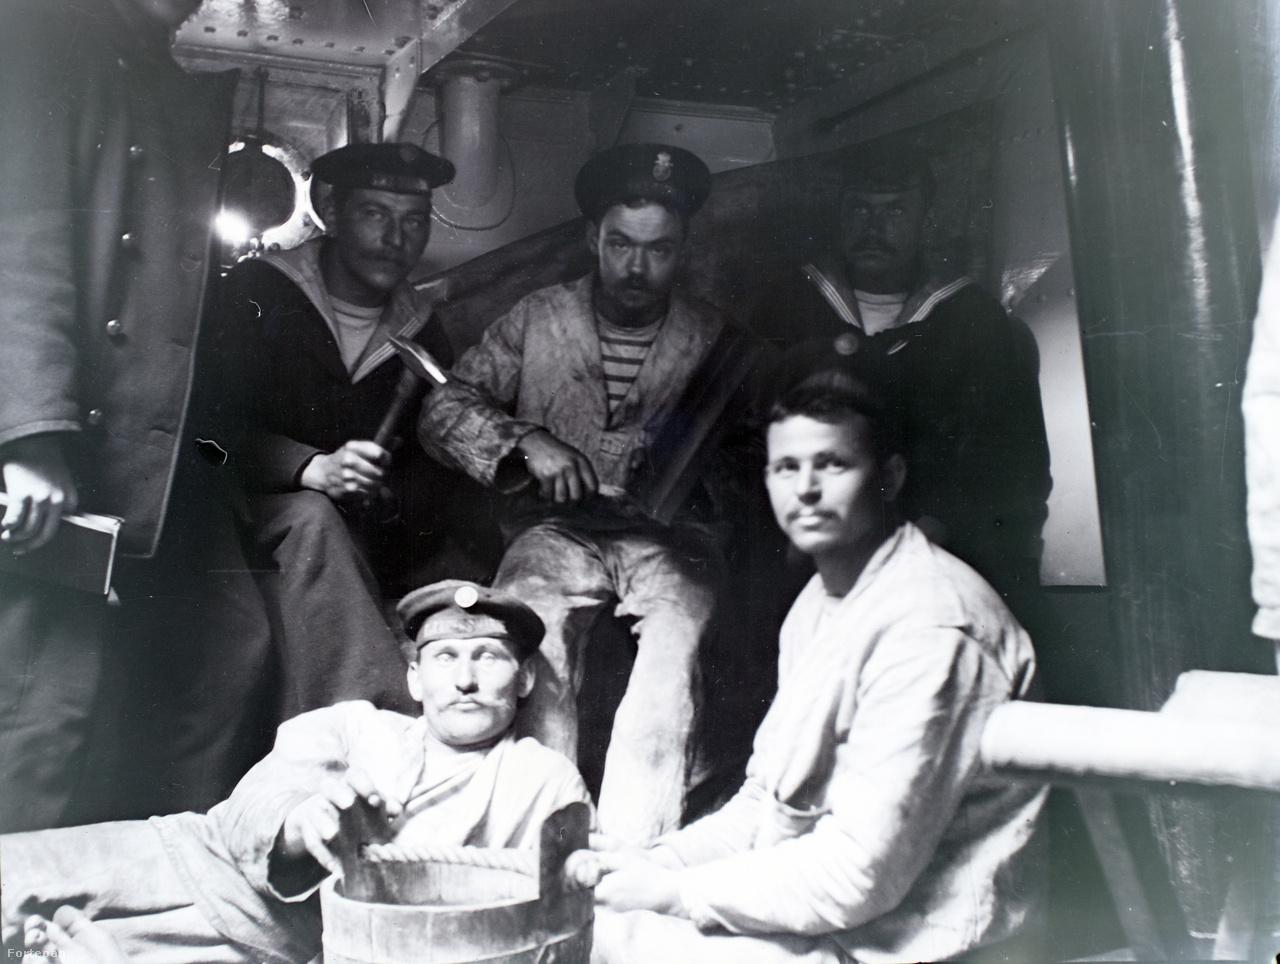 Bajuszosok, tengerészek - csoportkép notesszel, kalapáccsal, vödörrel valahol a fedélzetközben.